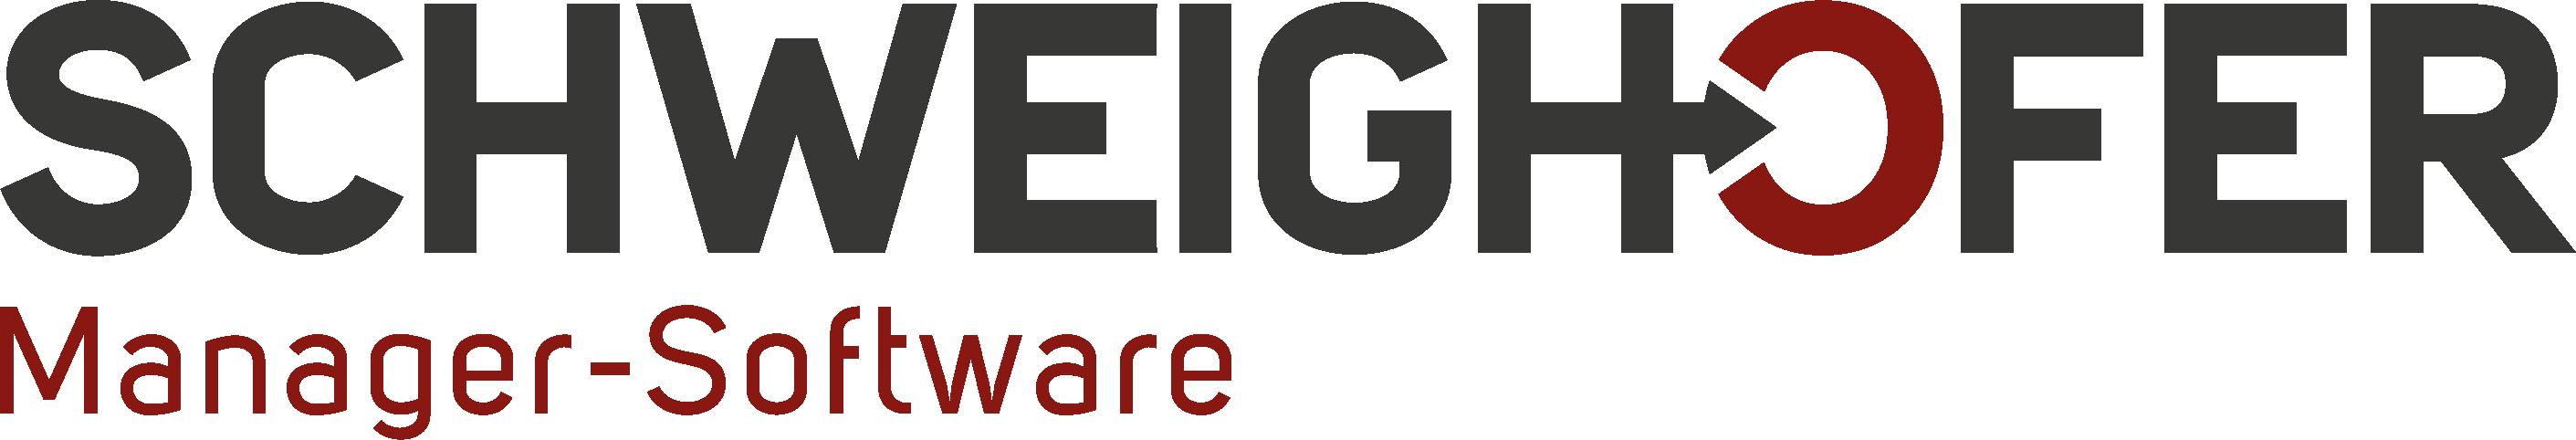 Schweighofer Logo